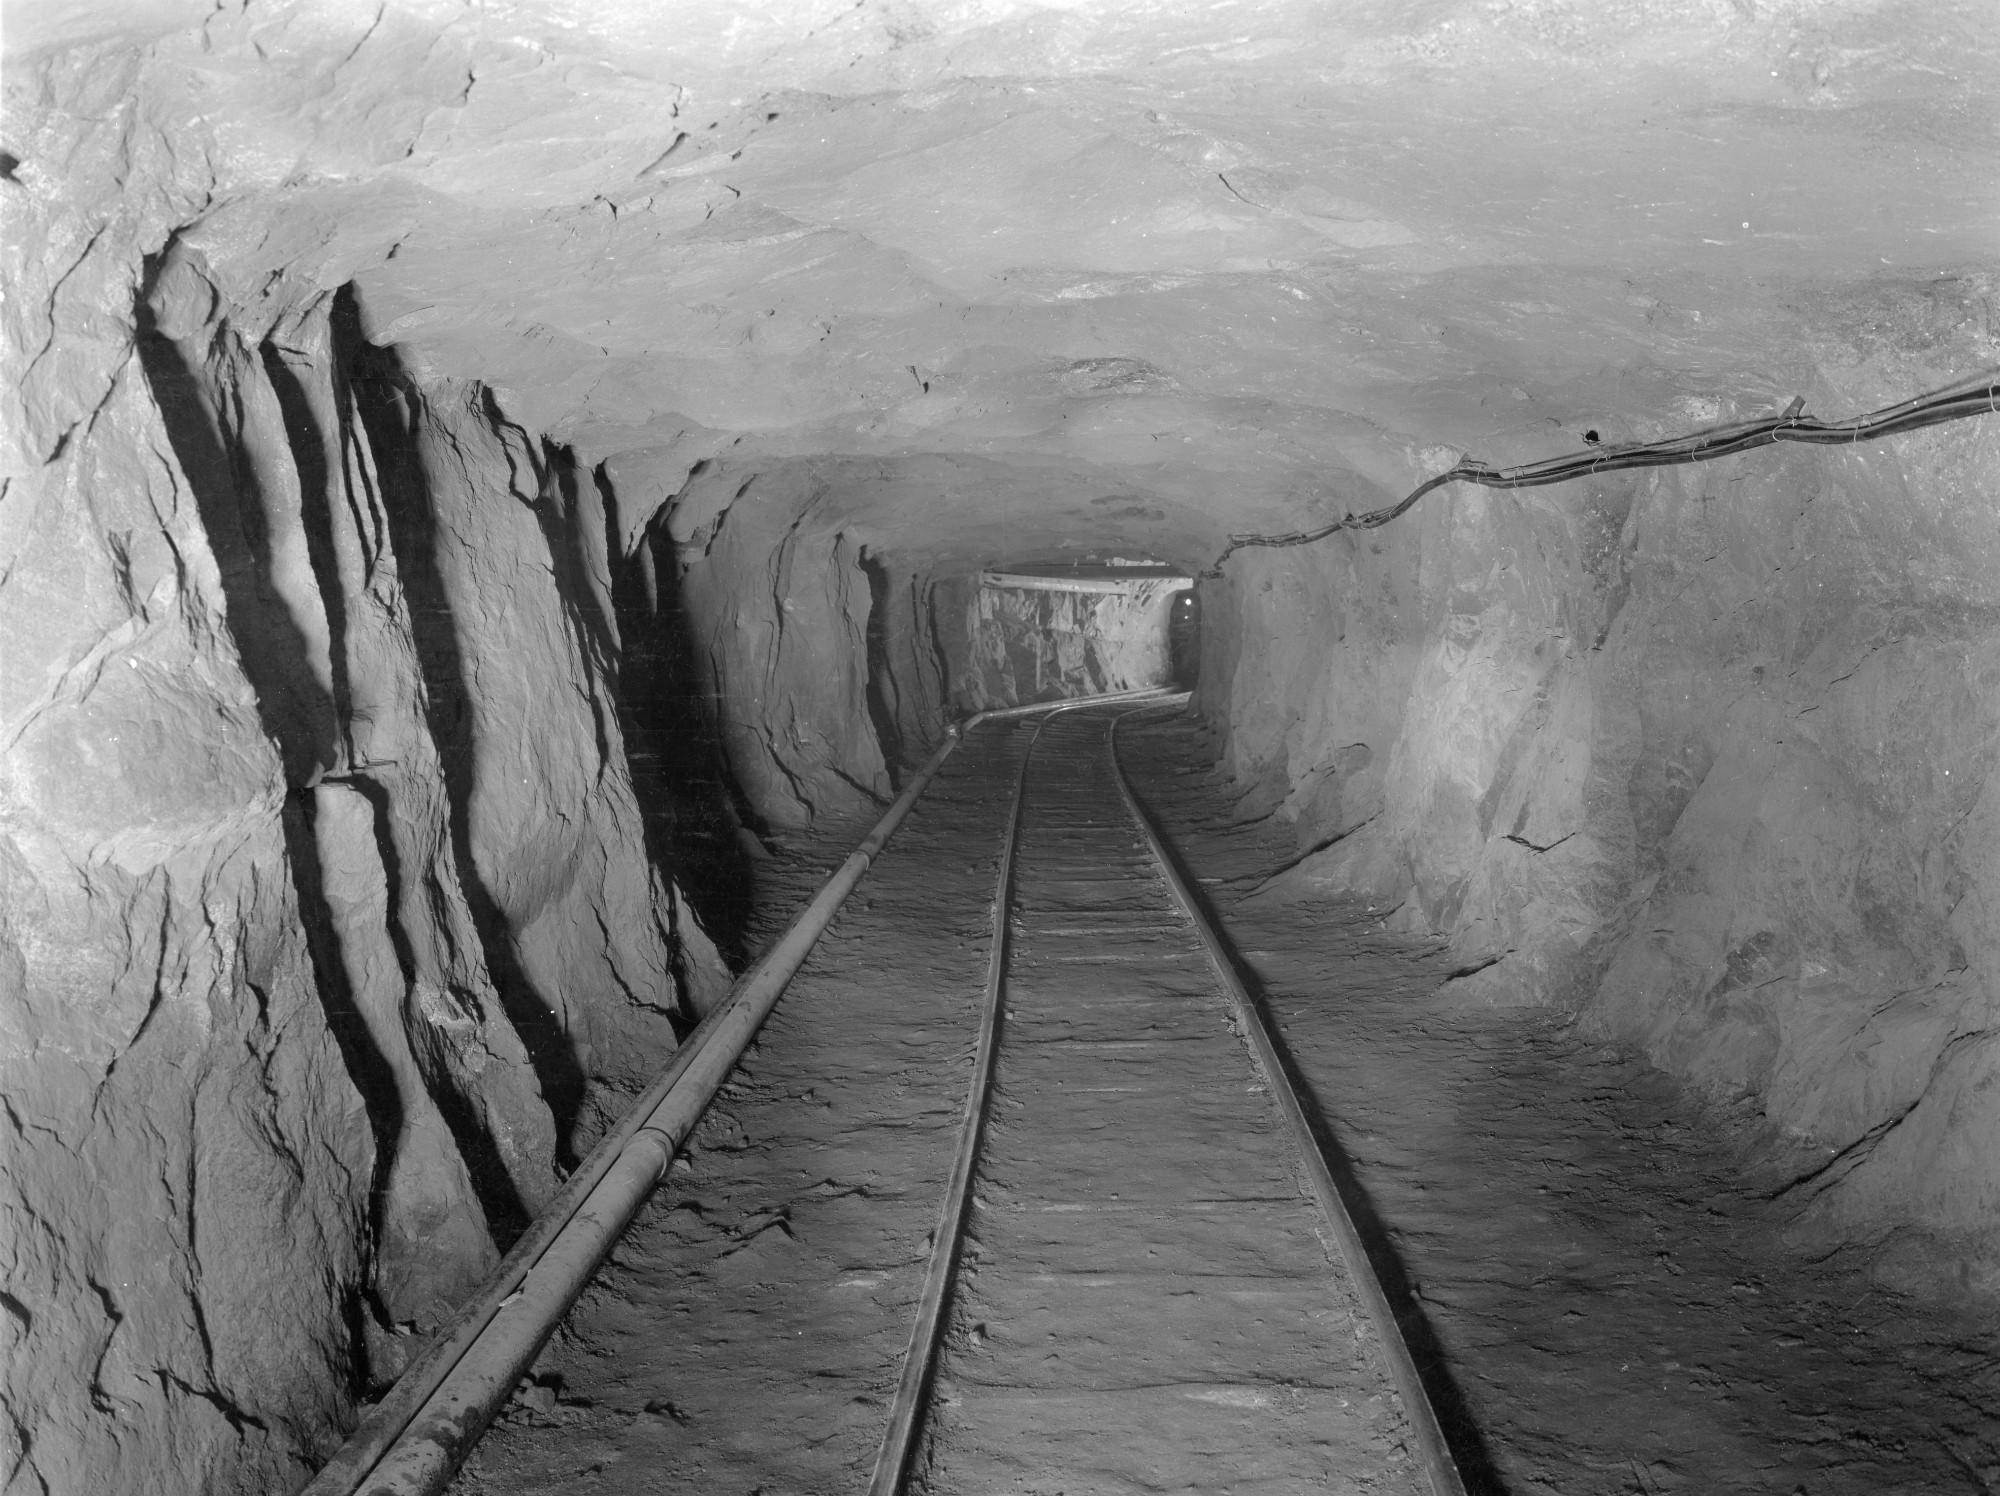 Crosscut Mine Drift In Republic Steel Mine In Mineville